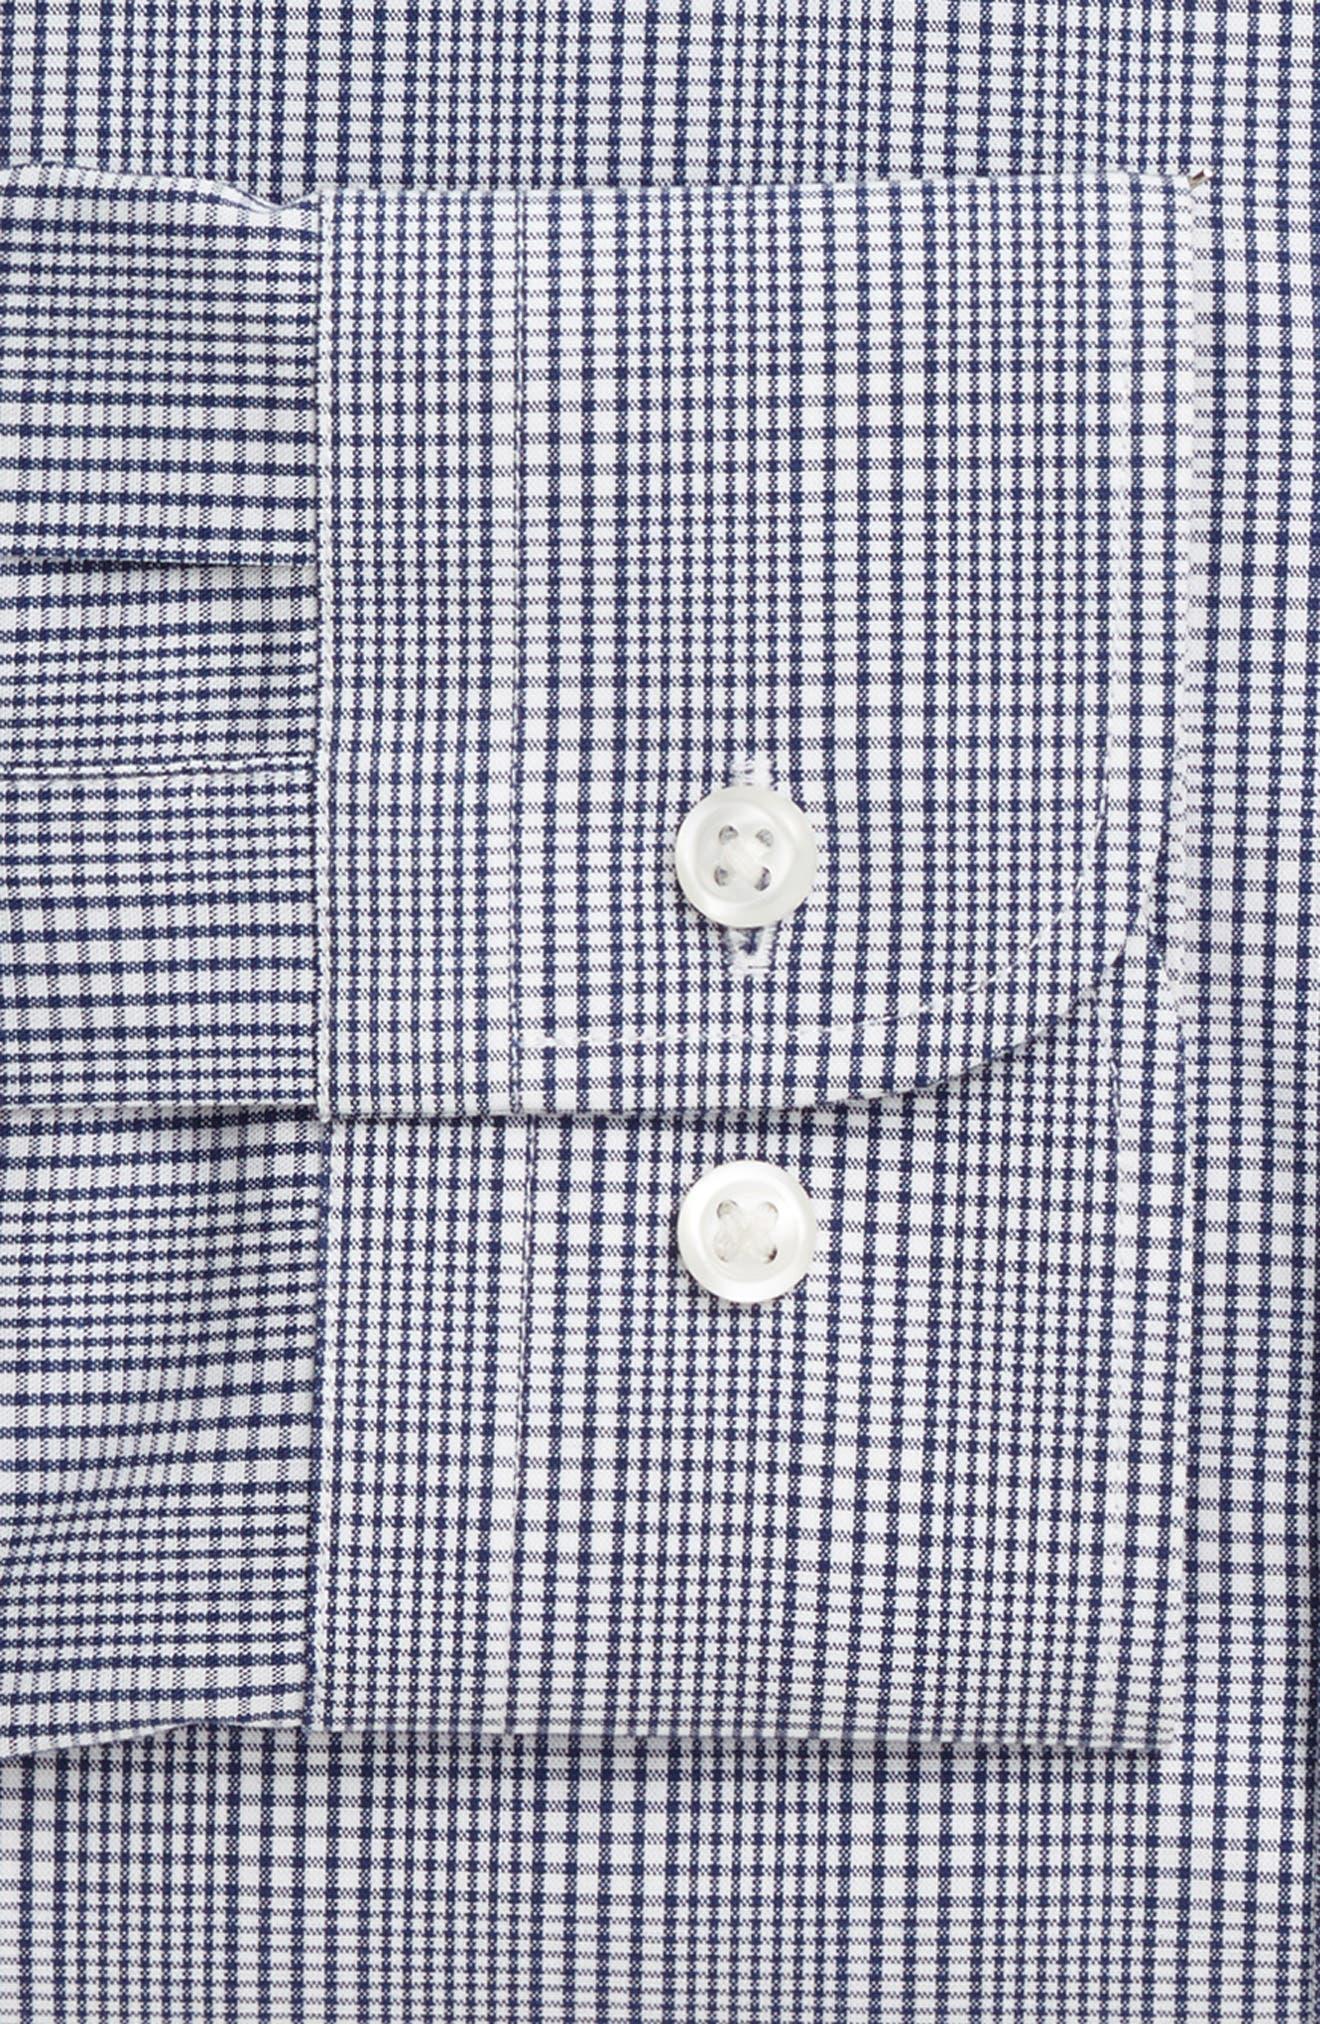 Tech-Smart Trim Fit Stretch Plaid Dress Shirt,                             Alternate thumbnail 6, color,                             401